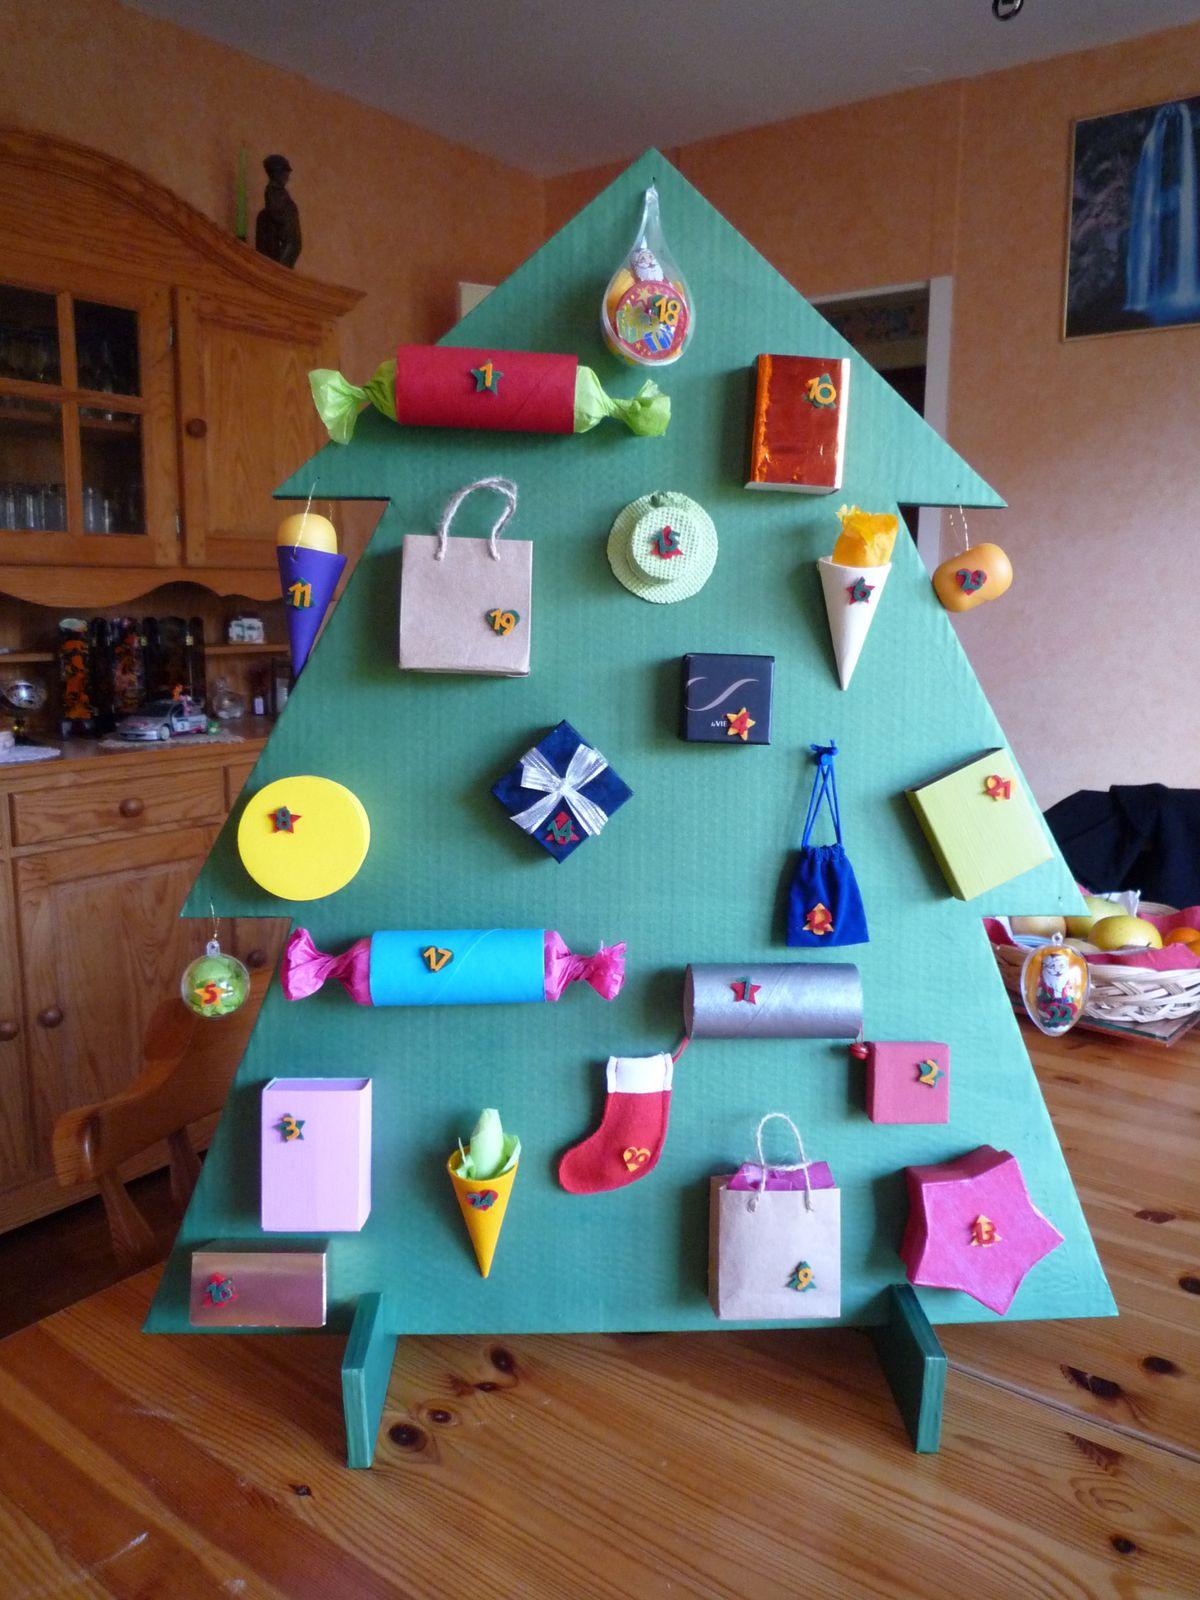 Grand sapin de l'avent (environ 1m) en carton que j'ai réalisé pour ma filleule. Agrémenté de récup en tout genre : rouleaux de papier wc, boites d'allumettes, boîtes à bijoux...